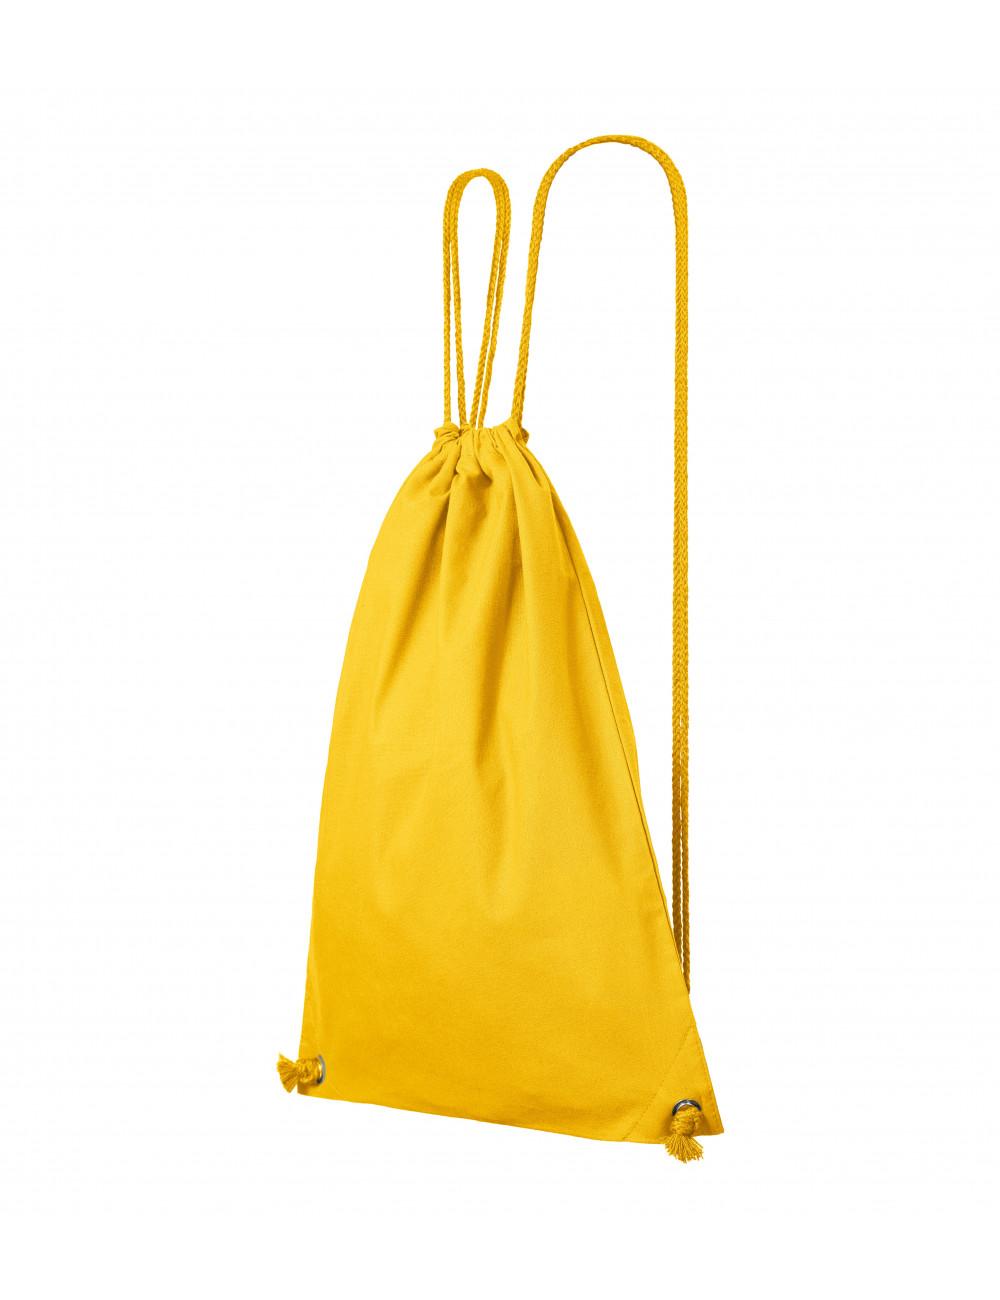 Adler MALFINI Plecak unisex Easygo 922 żółty